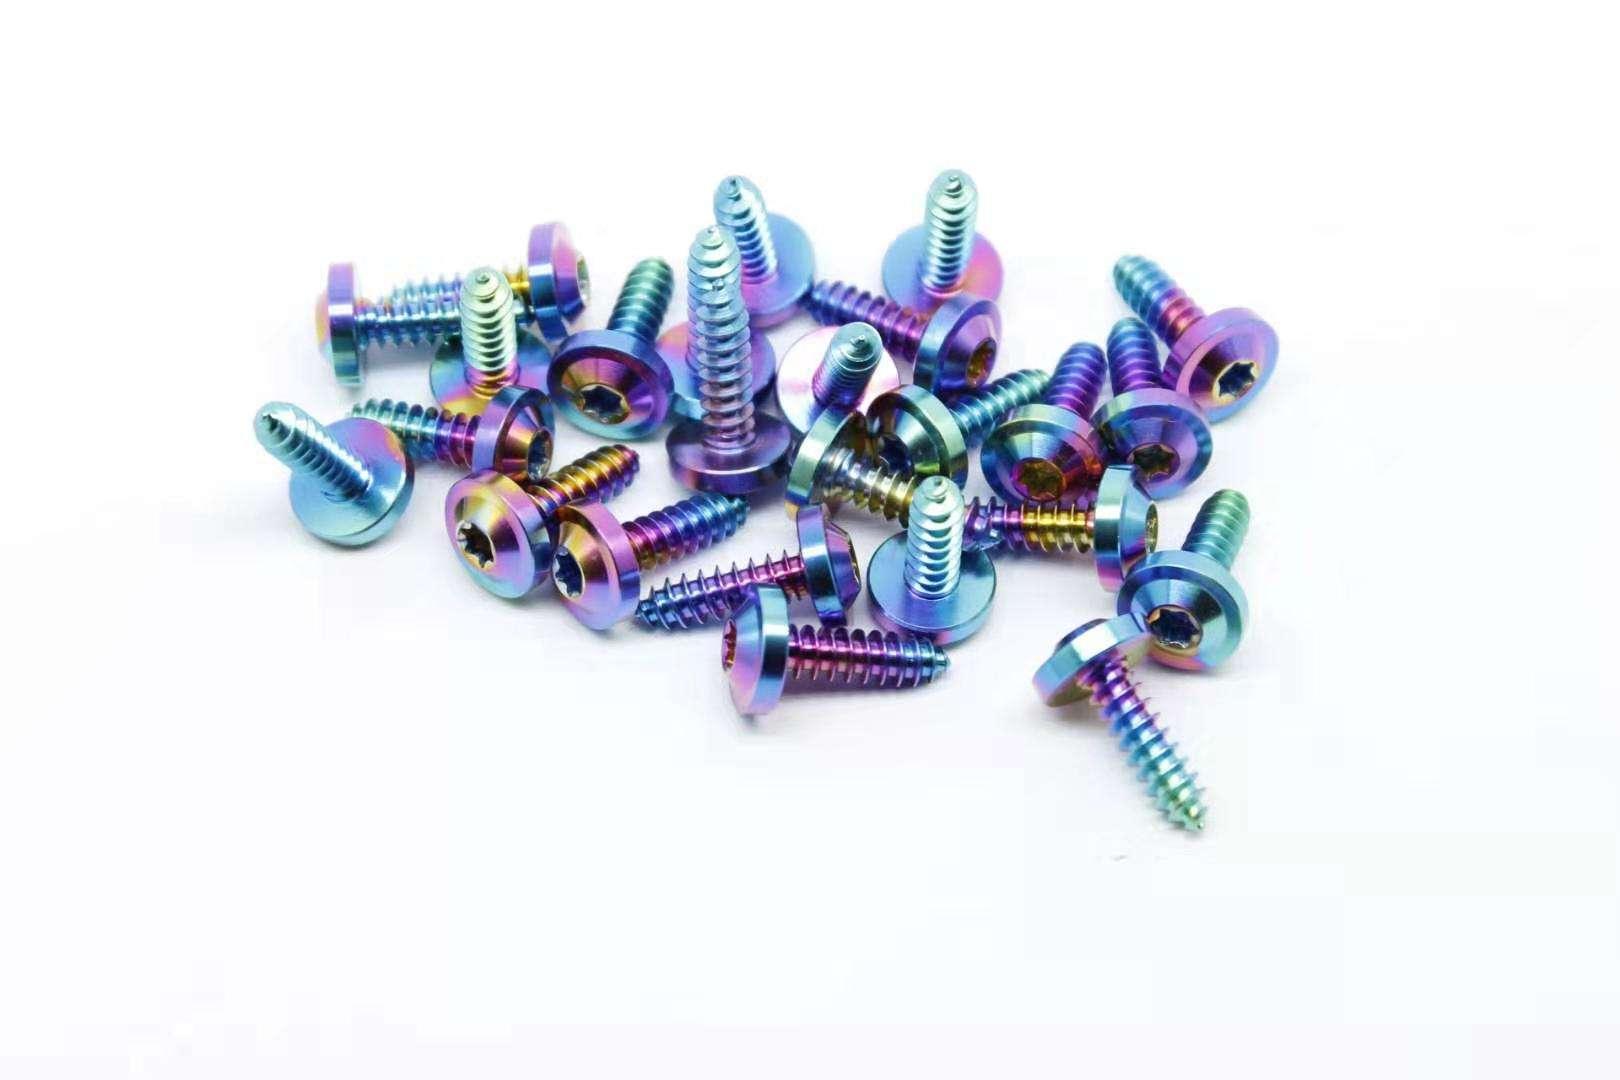 Titanium self-taffing /Titanium tapping screw